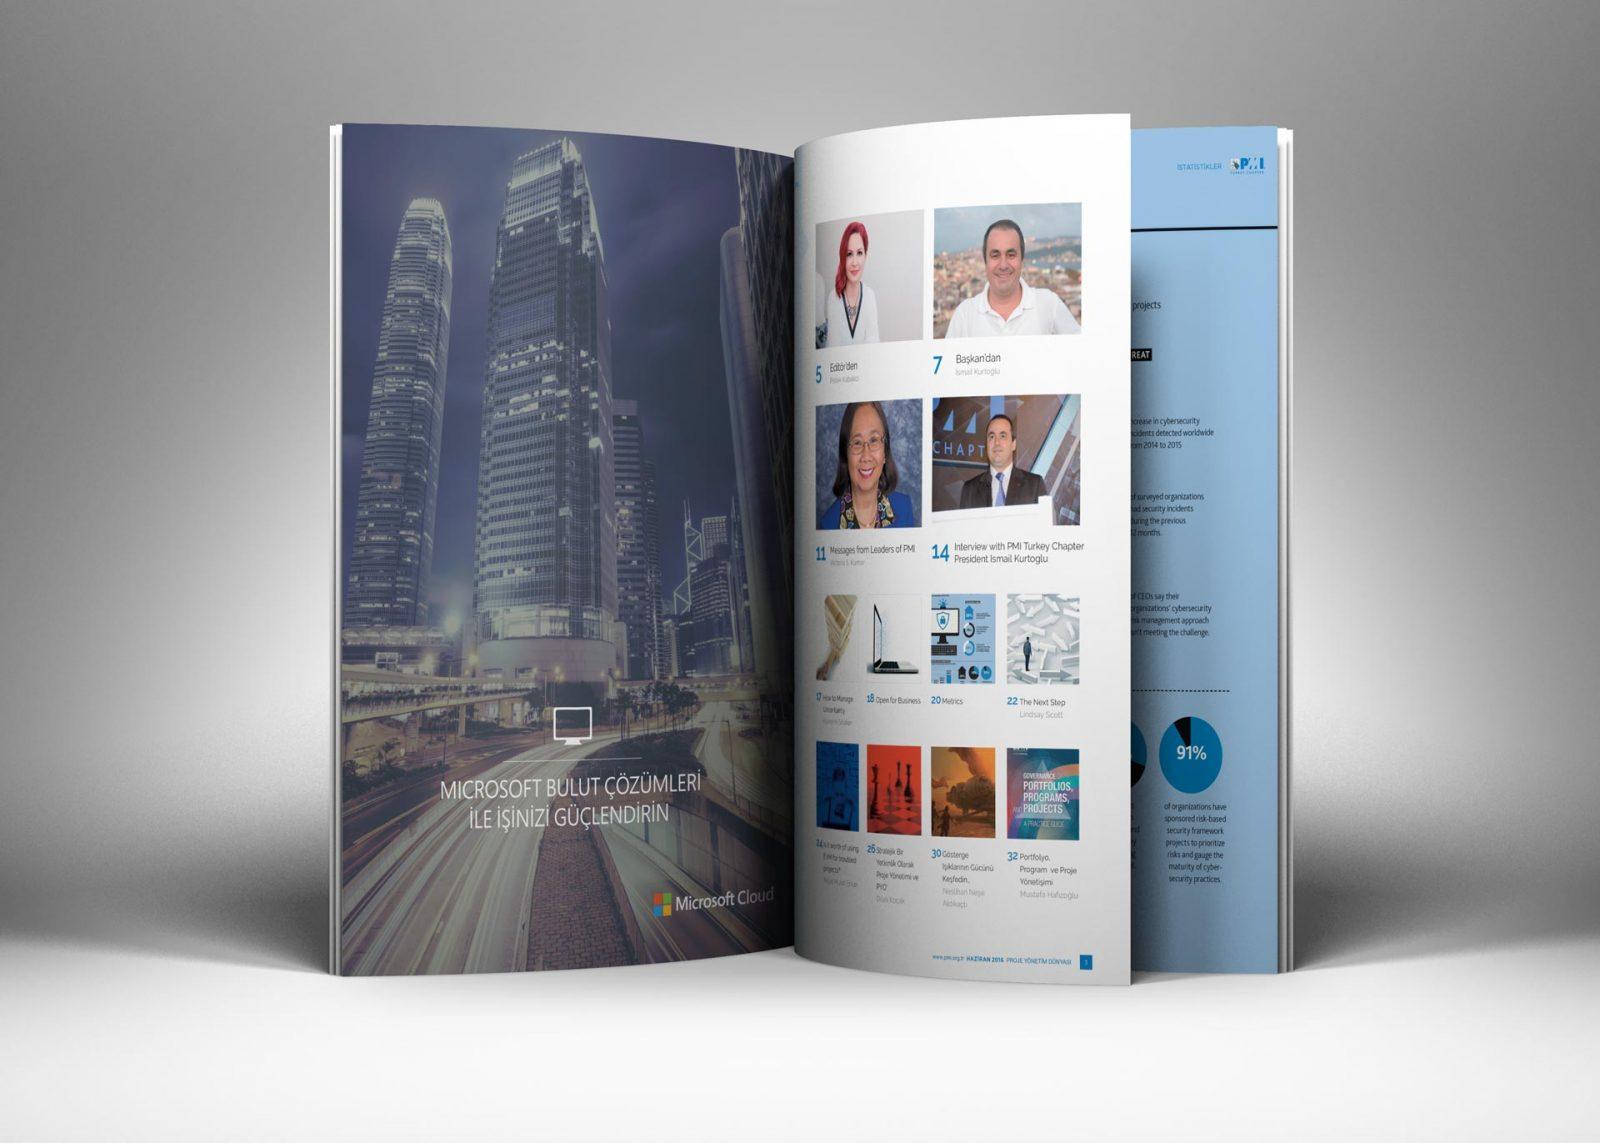 pmi tr dergi tasarımı 03